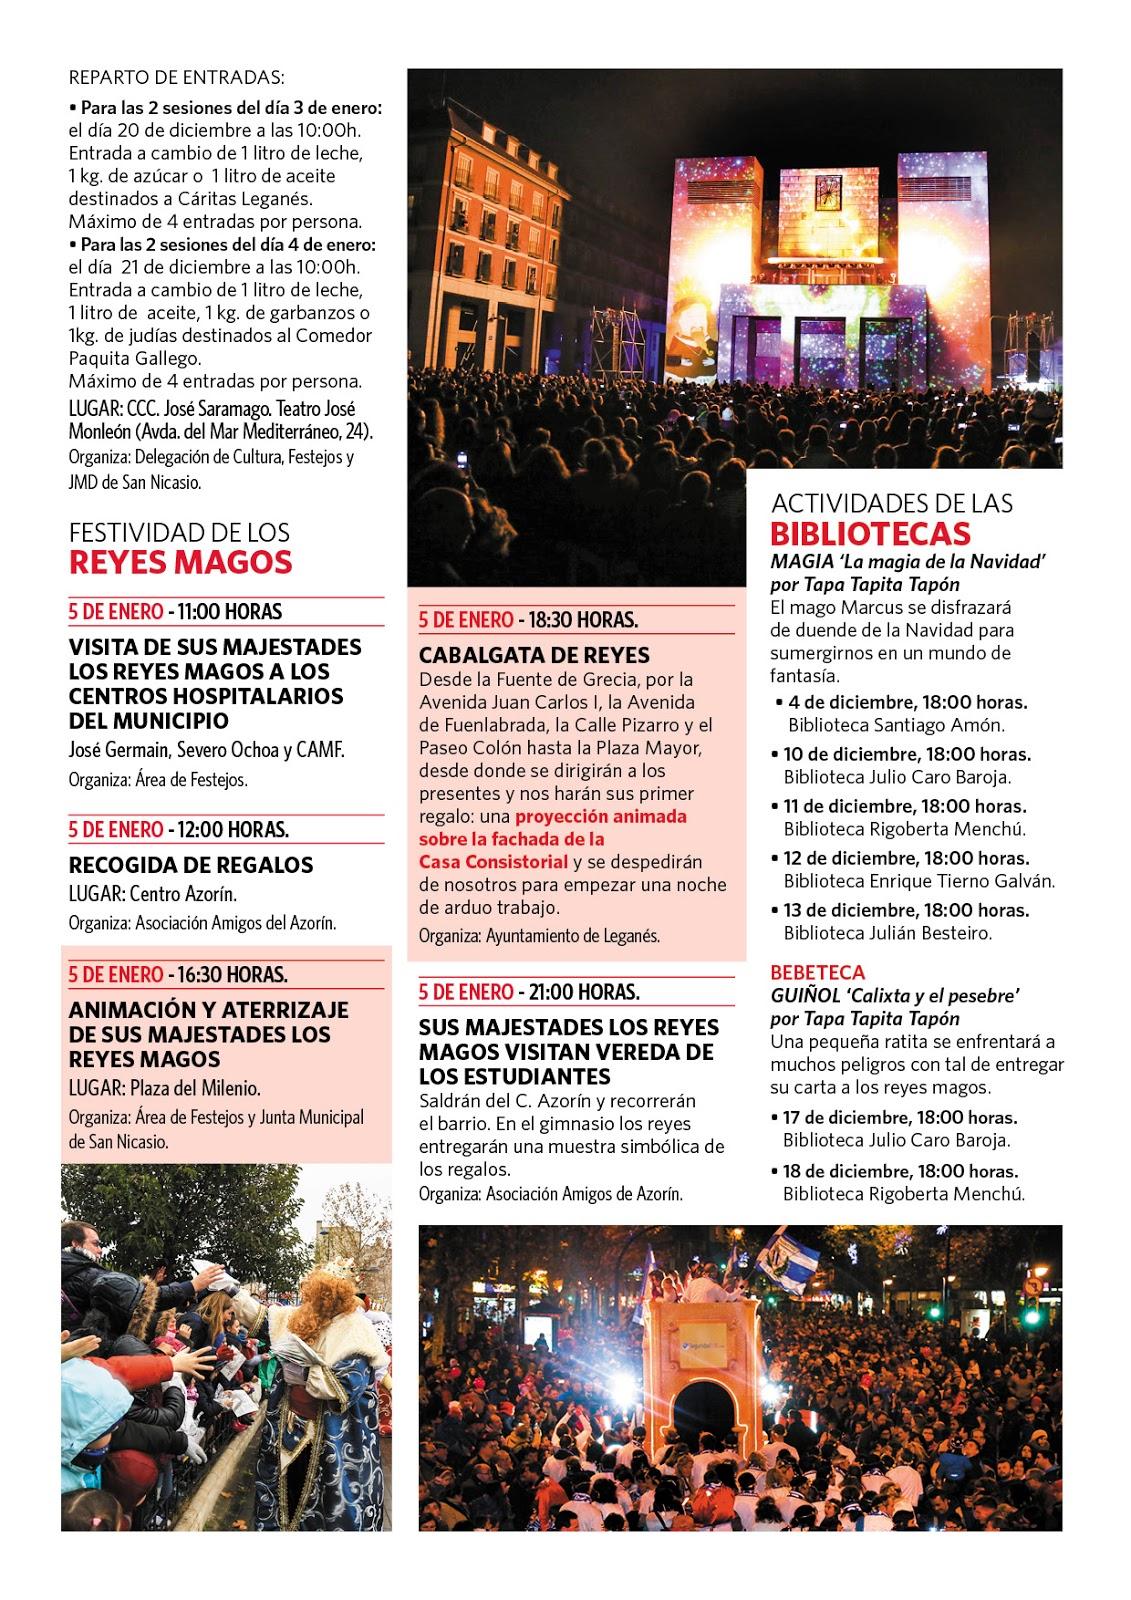 cb209e505e De esta forma, Leganés celebrará las fiestas de Navidad y Reyes con un  programa lleno de actividades culturales, solidarias e iniciativas de apoyo  al ...